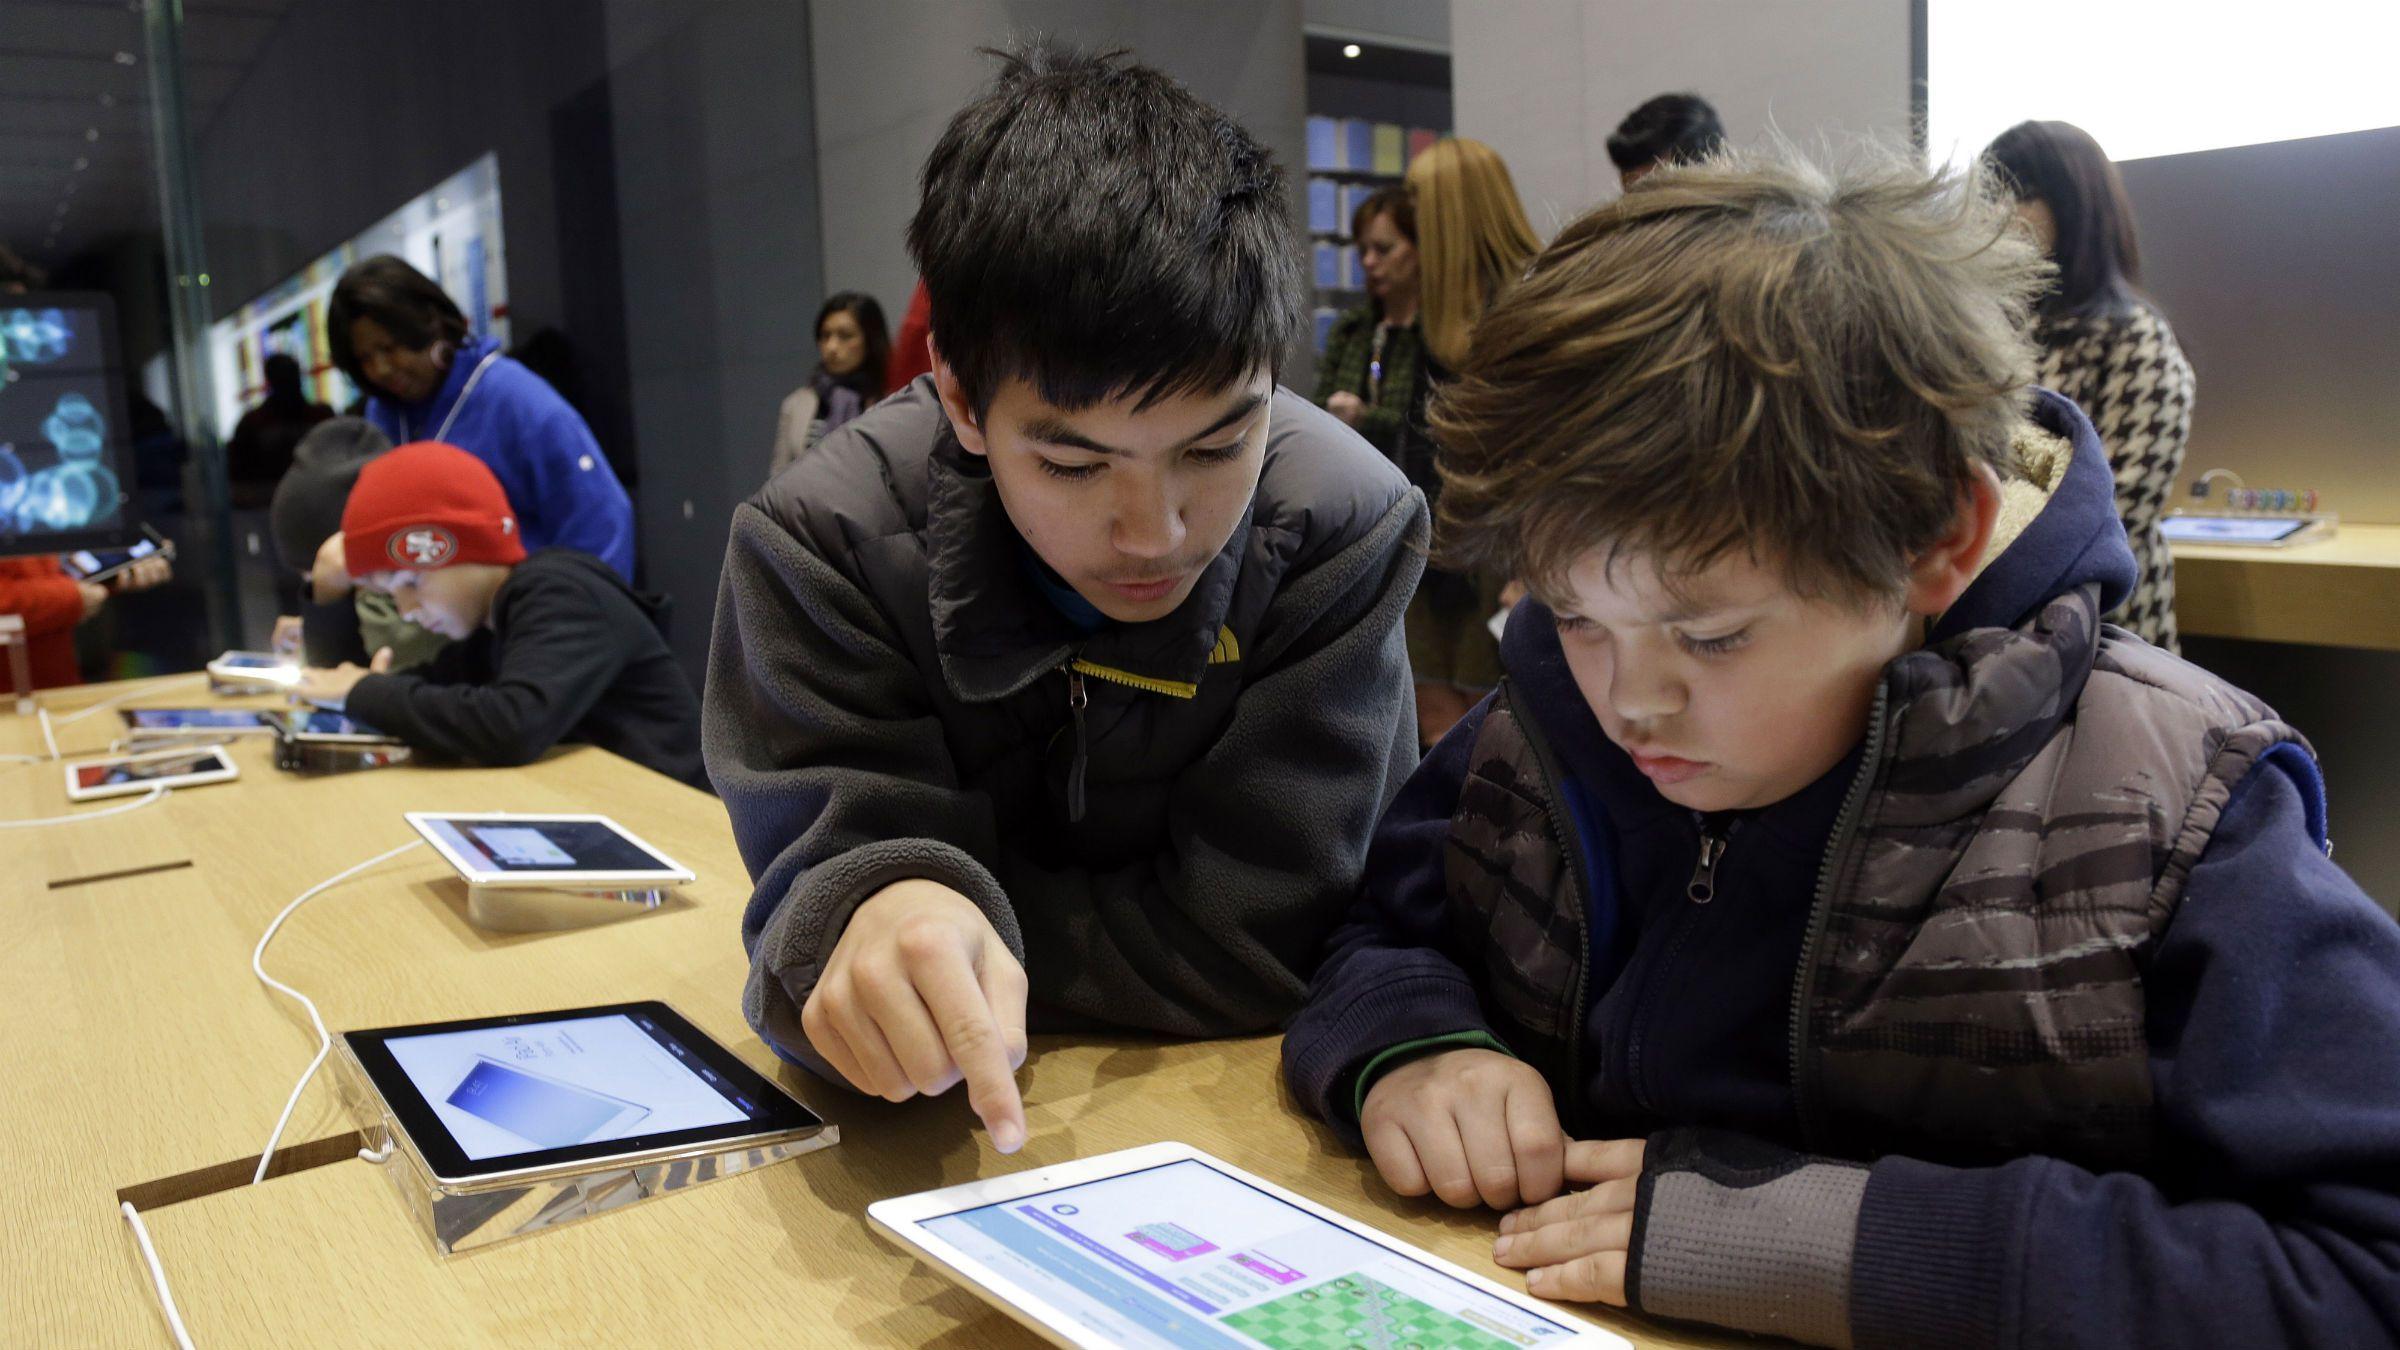 Kids play with an iPad